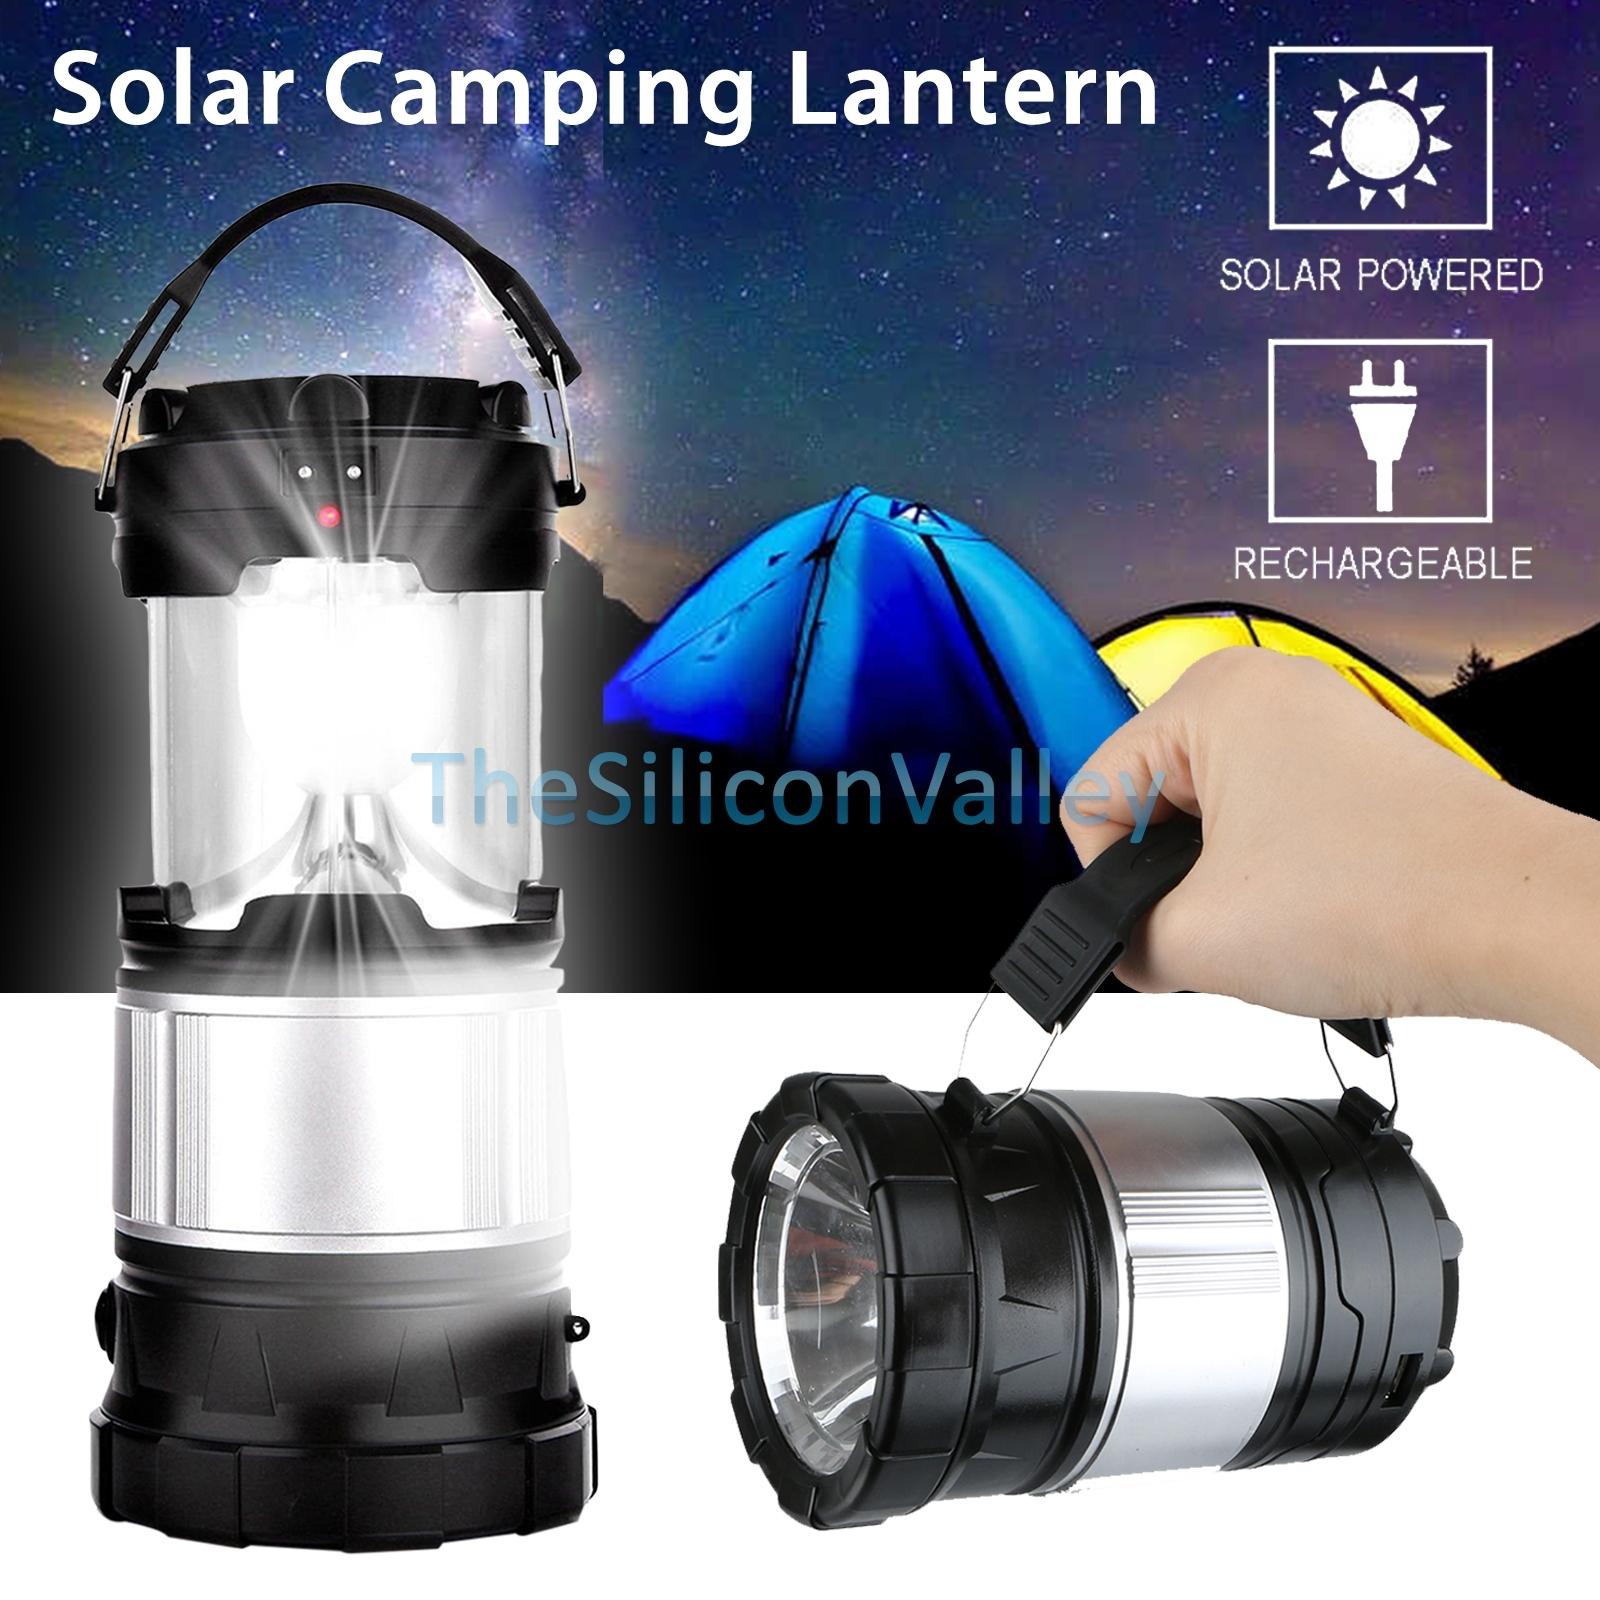 Solar Camping Lantern Lamp Portable Outdoor Rechargeable Led Tent regarding Outdoor Rechargeable Lanterns (Image 18 of 20)